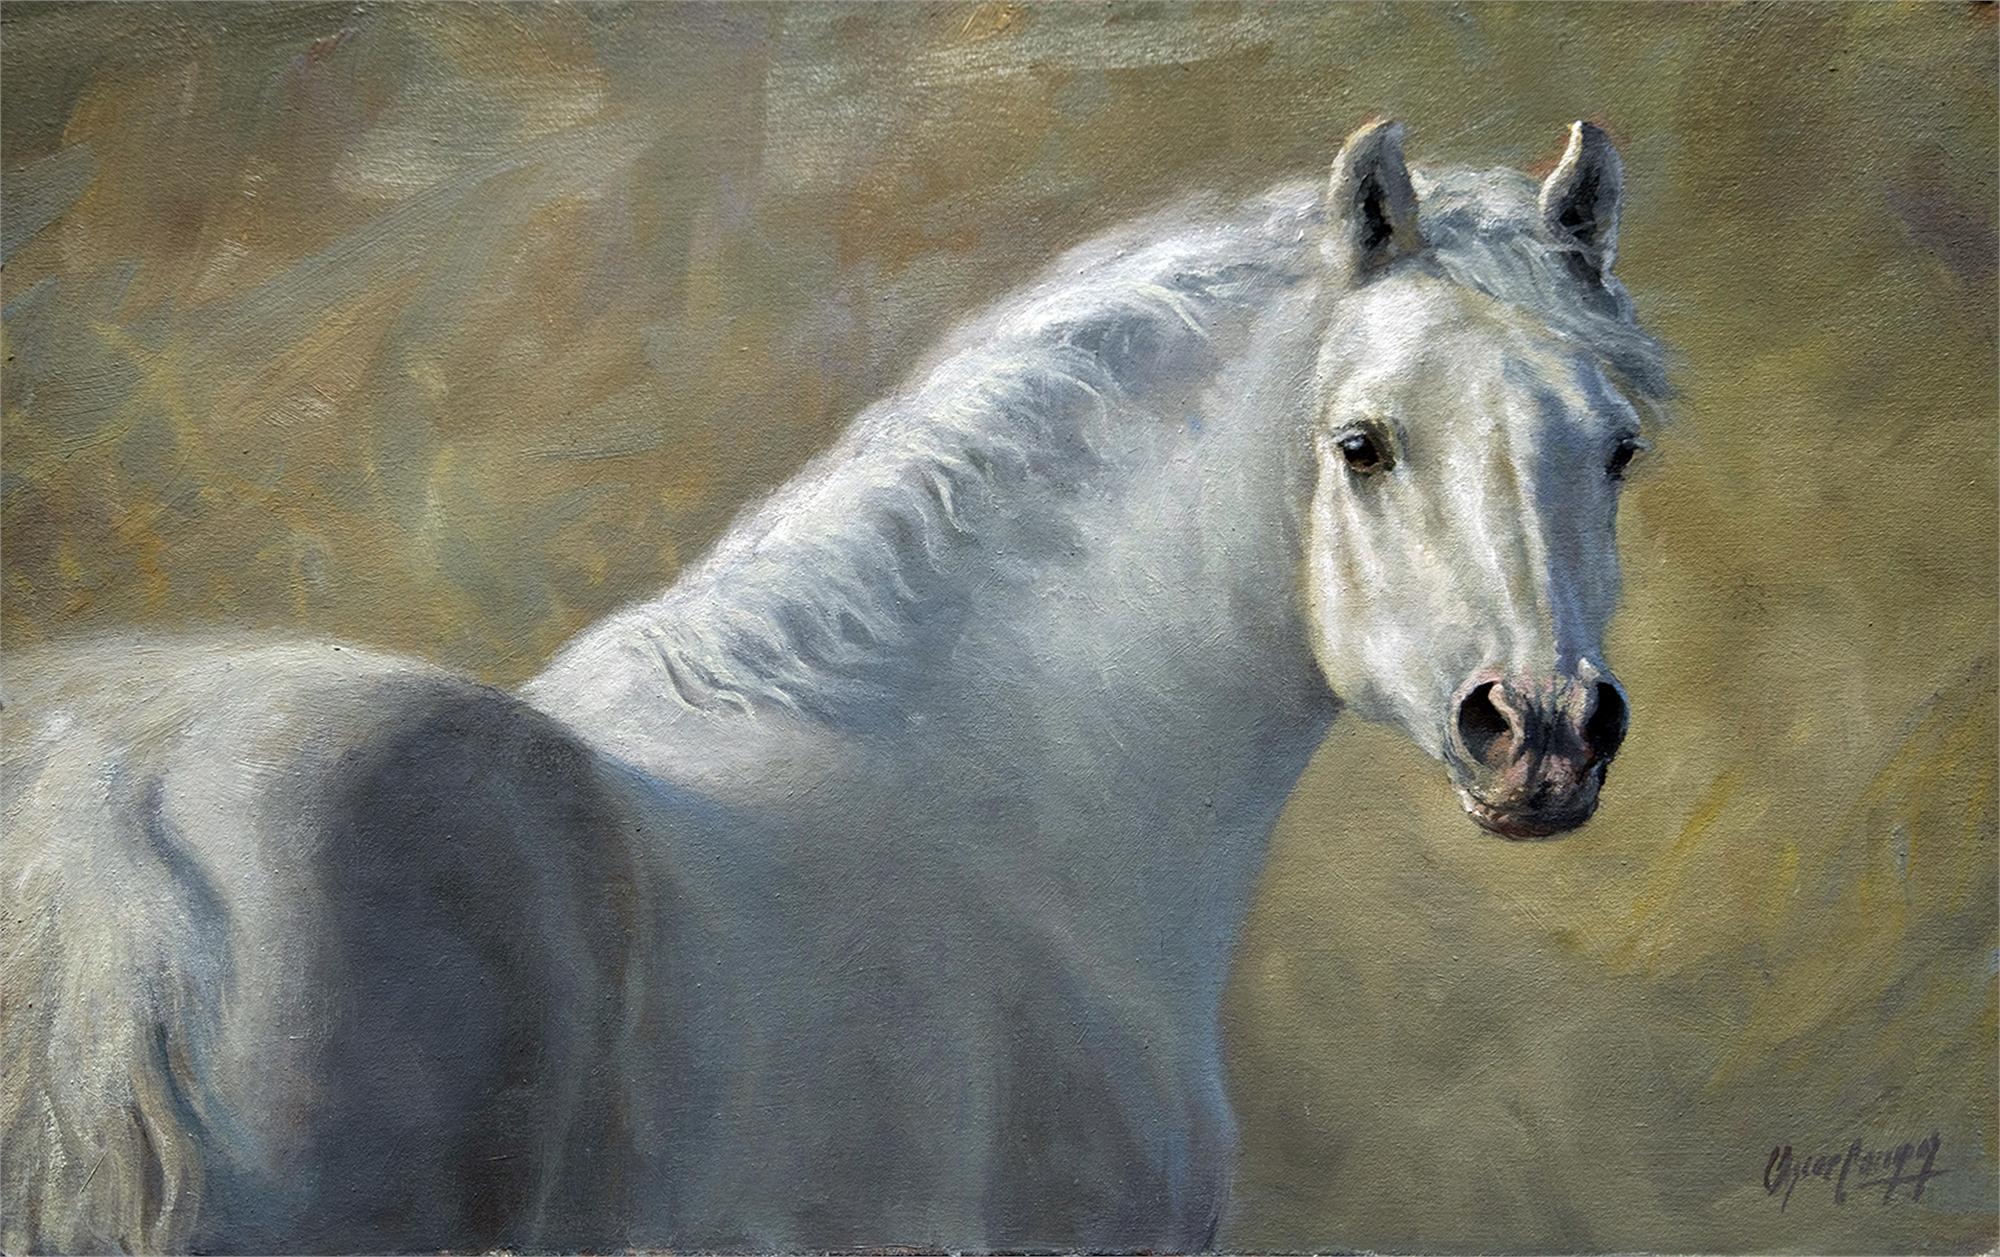 White Horse by Oscar Campos